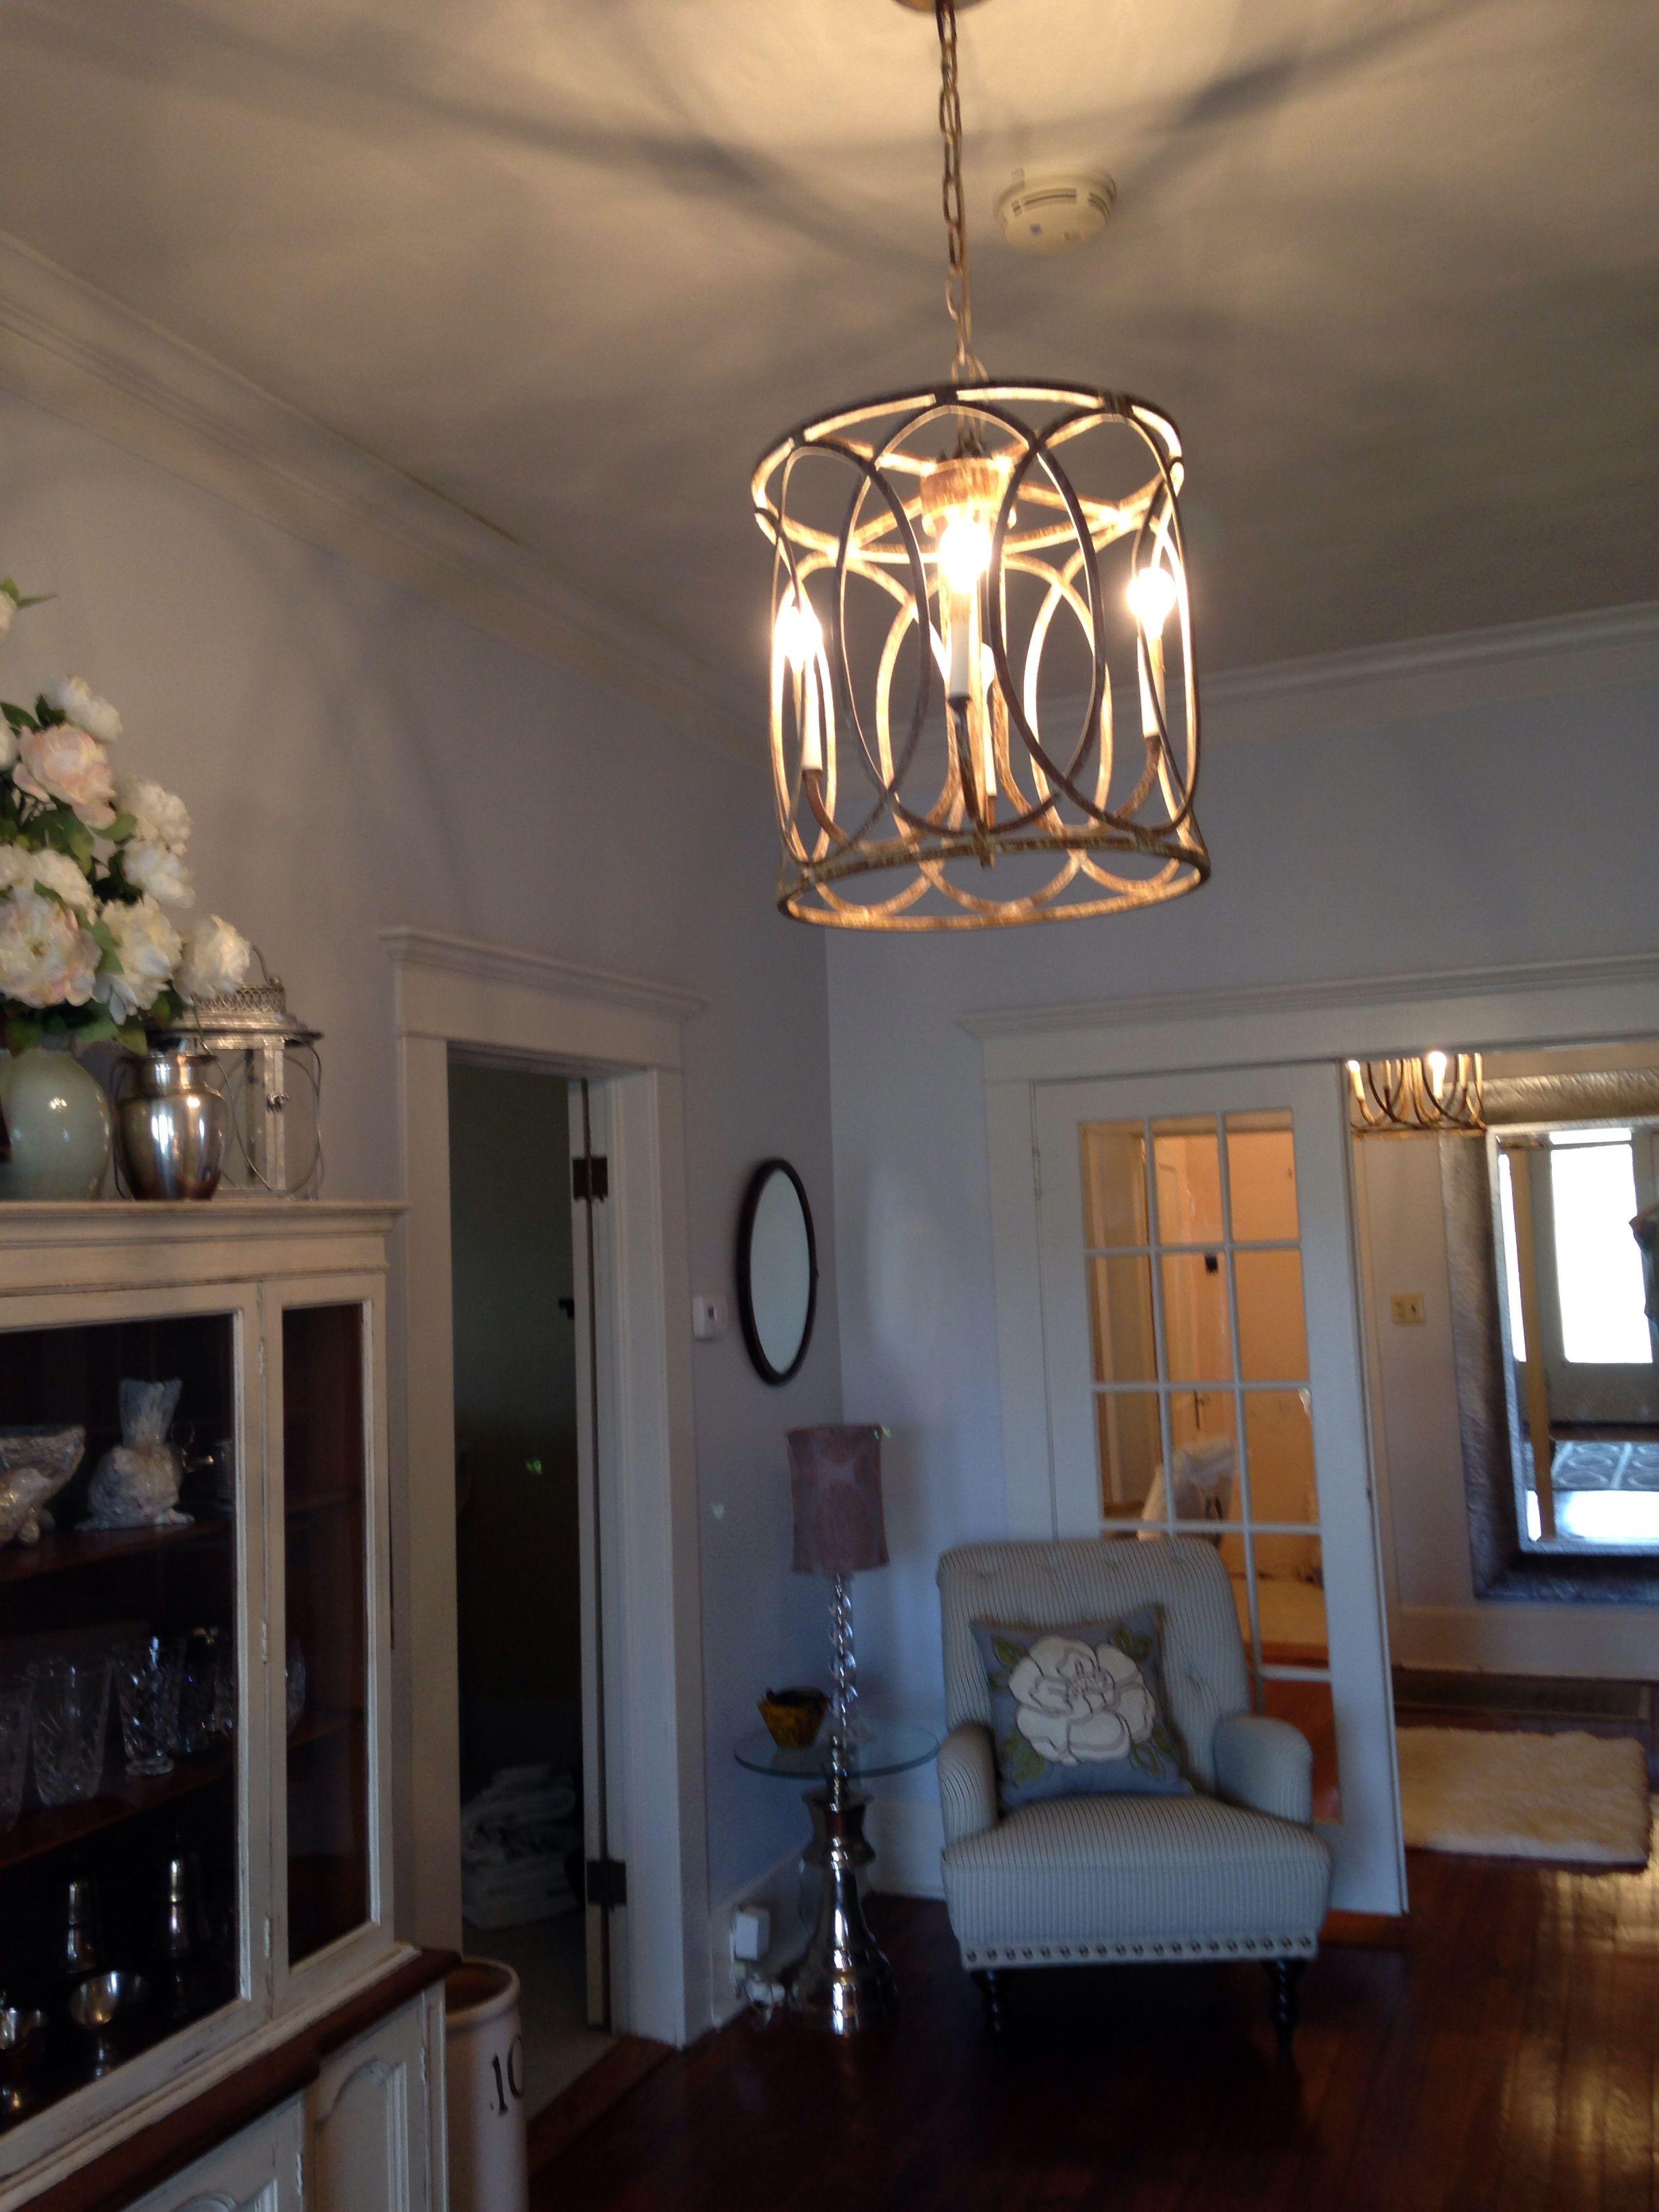 Foyer light fixture | Foyer lighting, Foyer flooring, Home ...